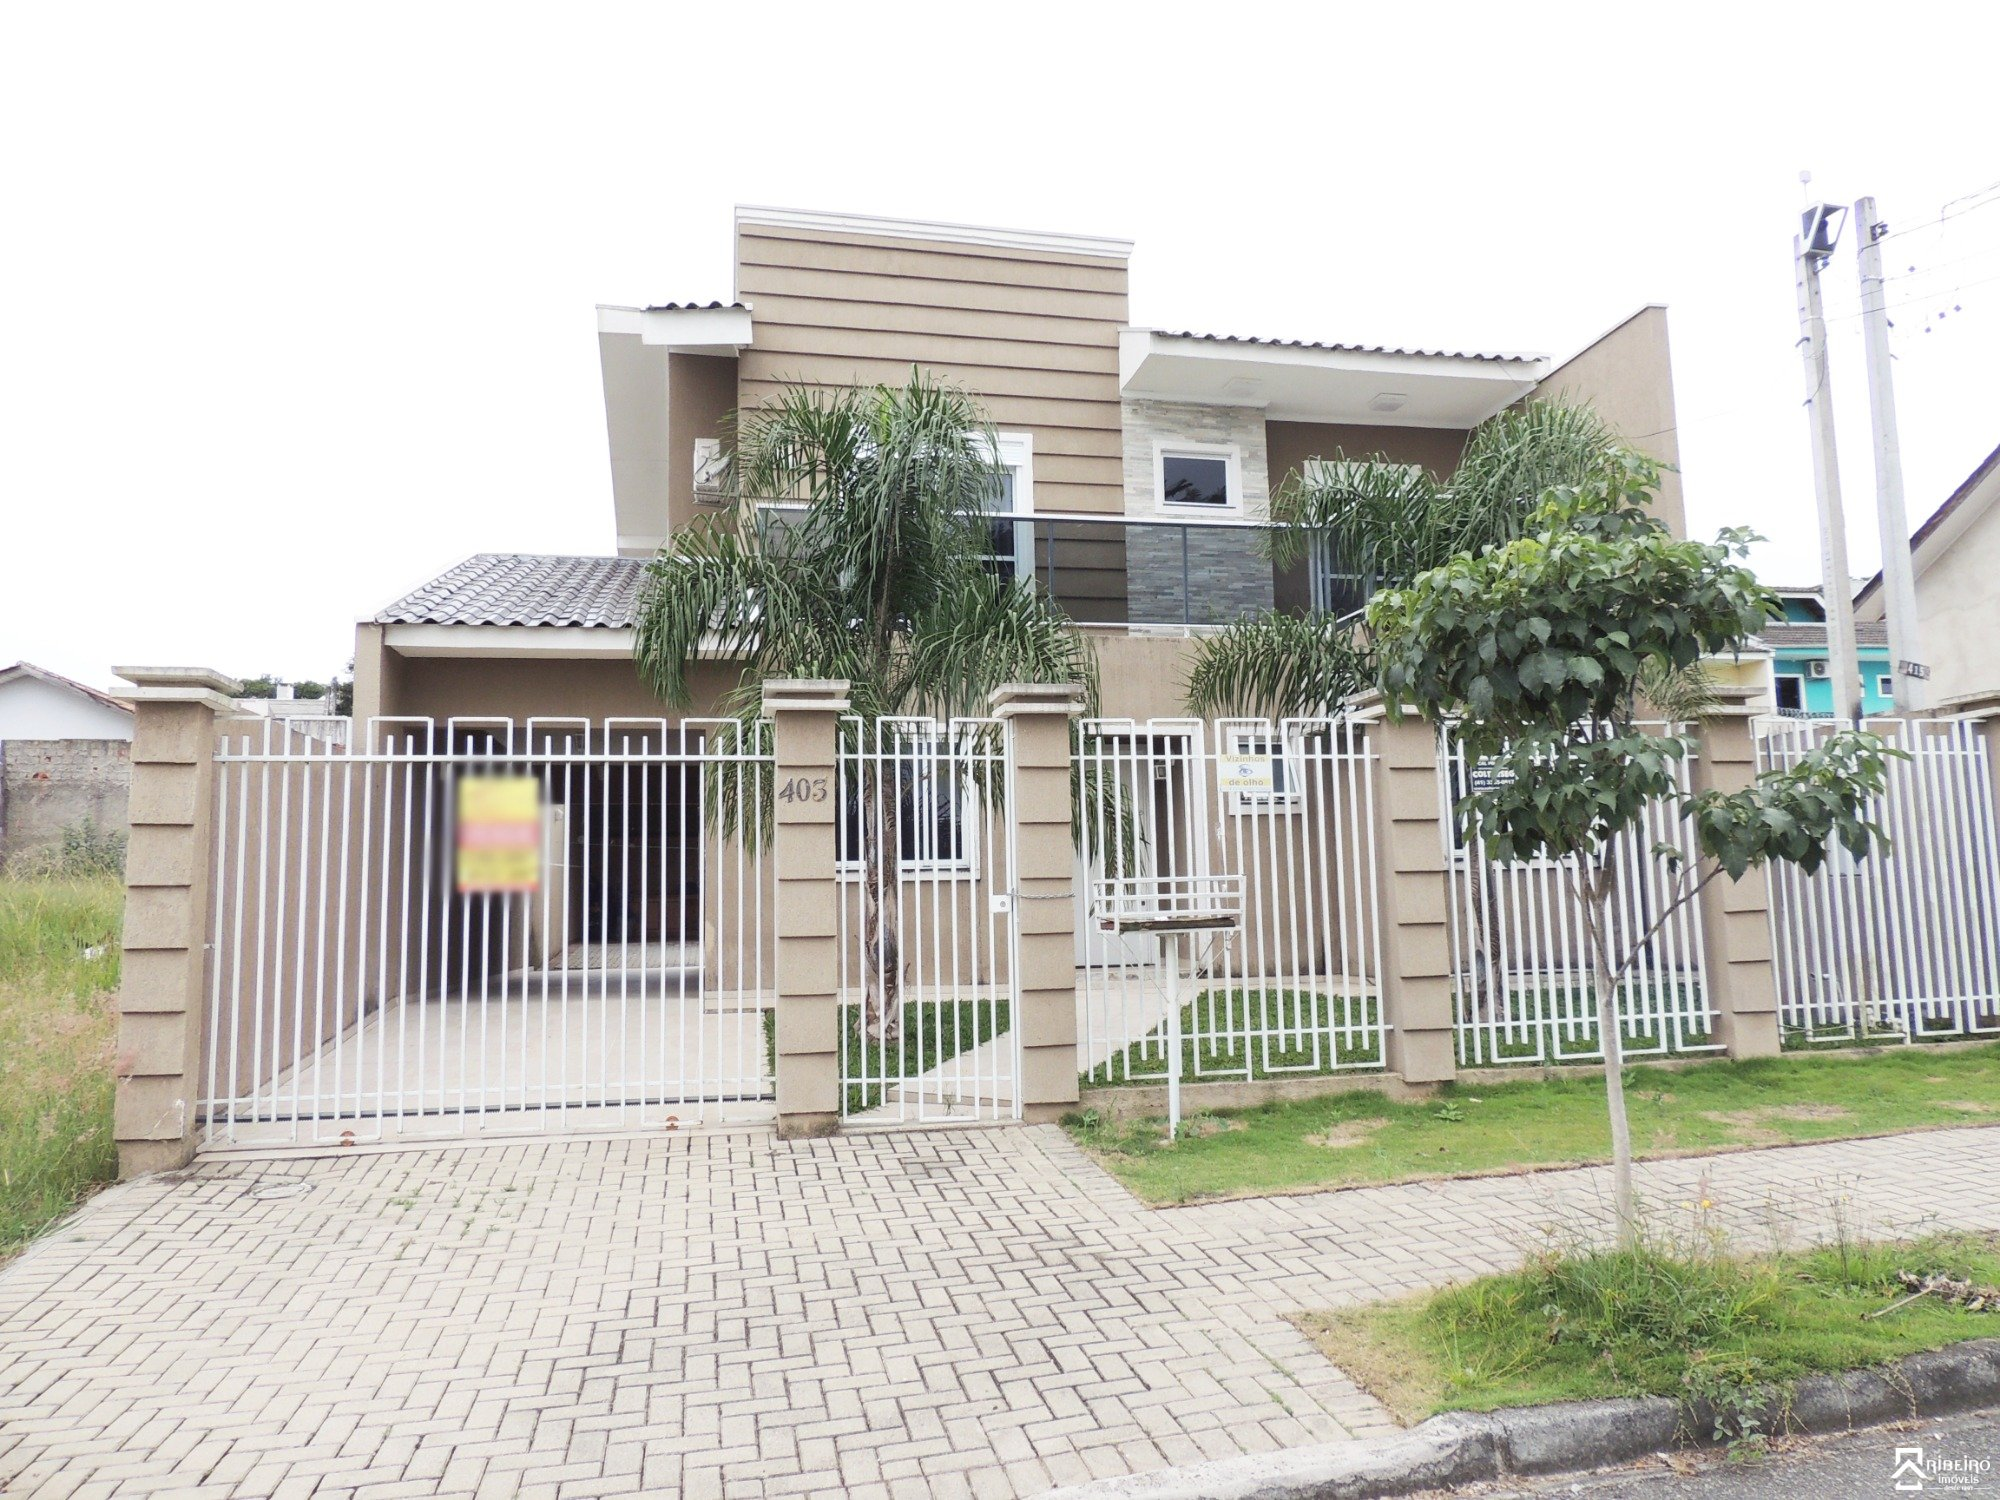 REF. 4967 -  São José Dos Pinhais - Travessa  Andre Siccuro, 403